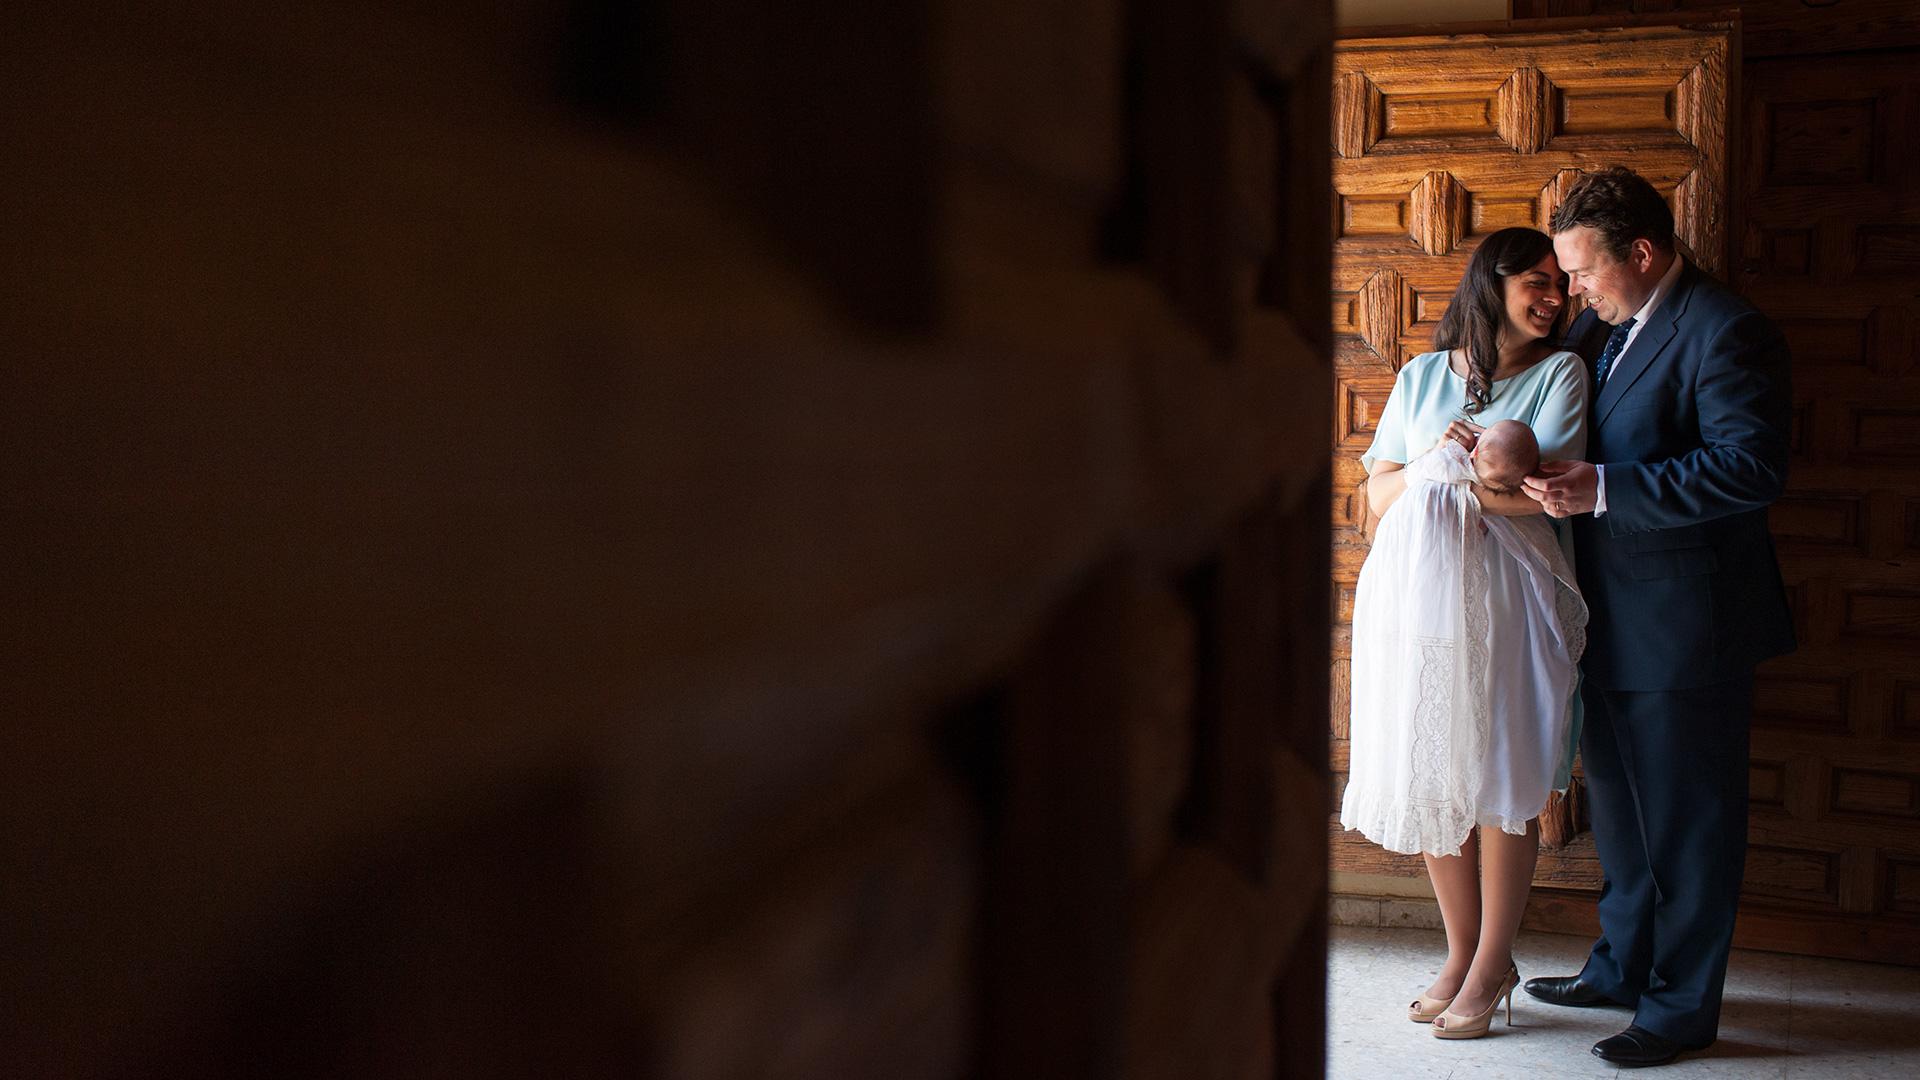 fotografo de bautizos en toledo - yuncler